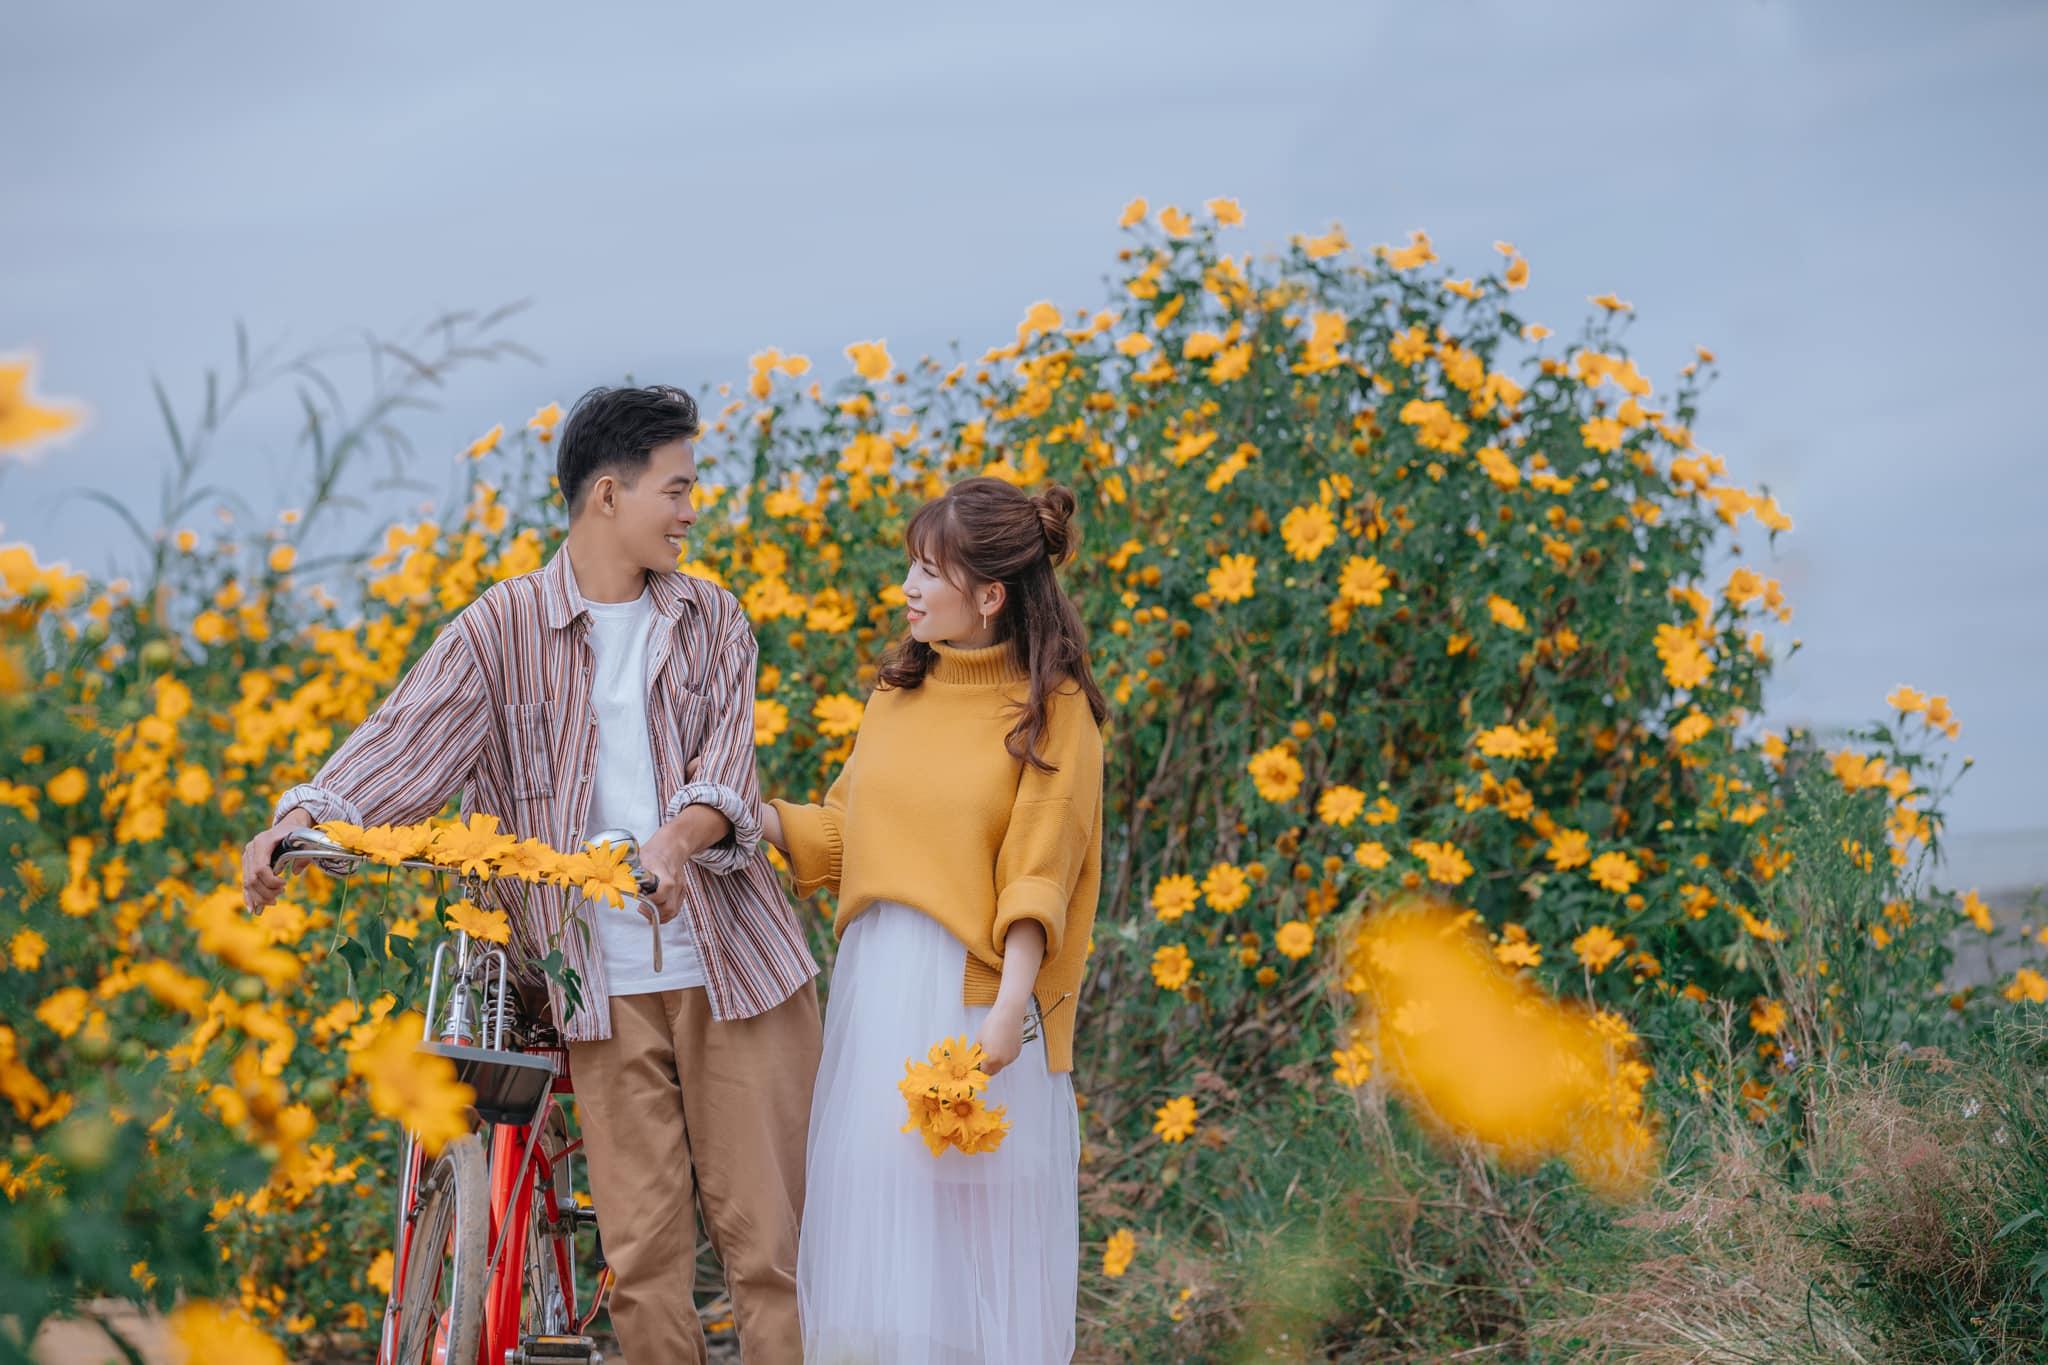 Ngắm Đà Lạt mùa hoa dã quỳ qua bộ ảnh lãng mạn của cặp đôi trẻ - Ảnh 1.